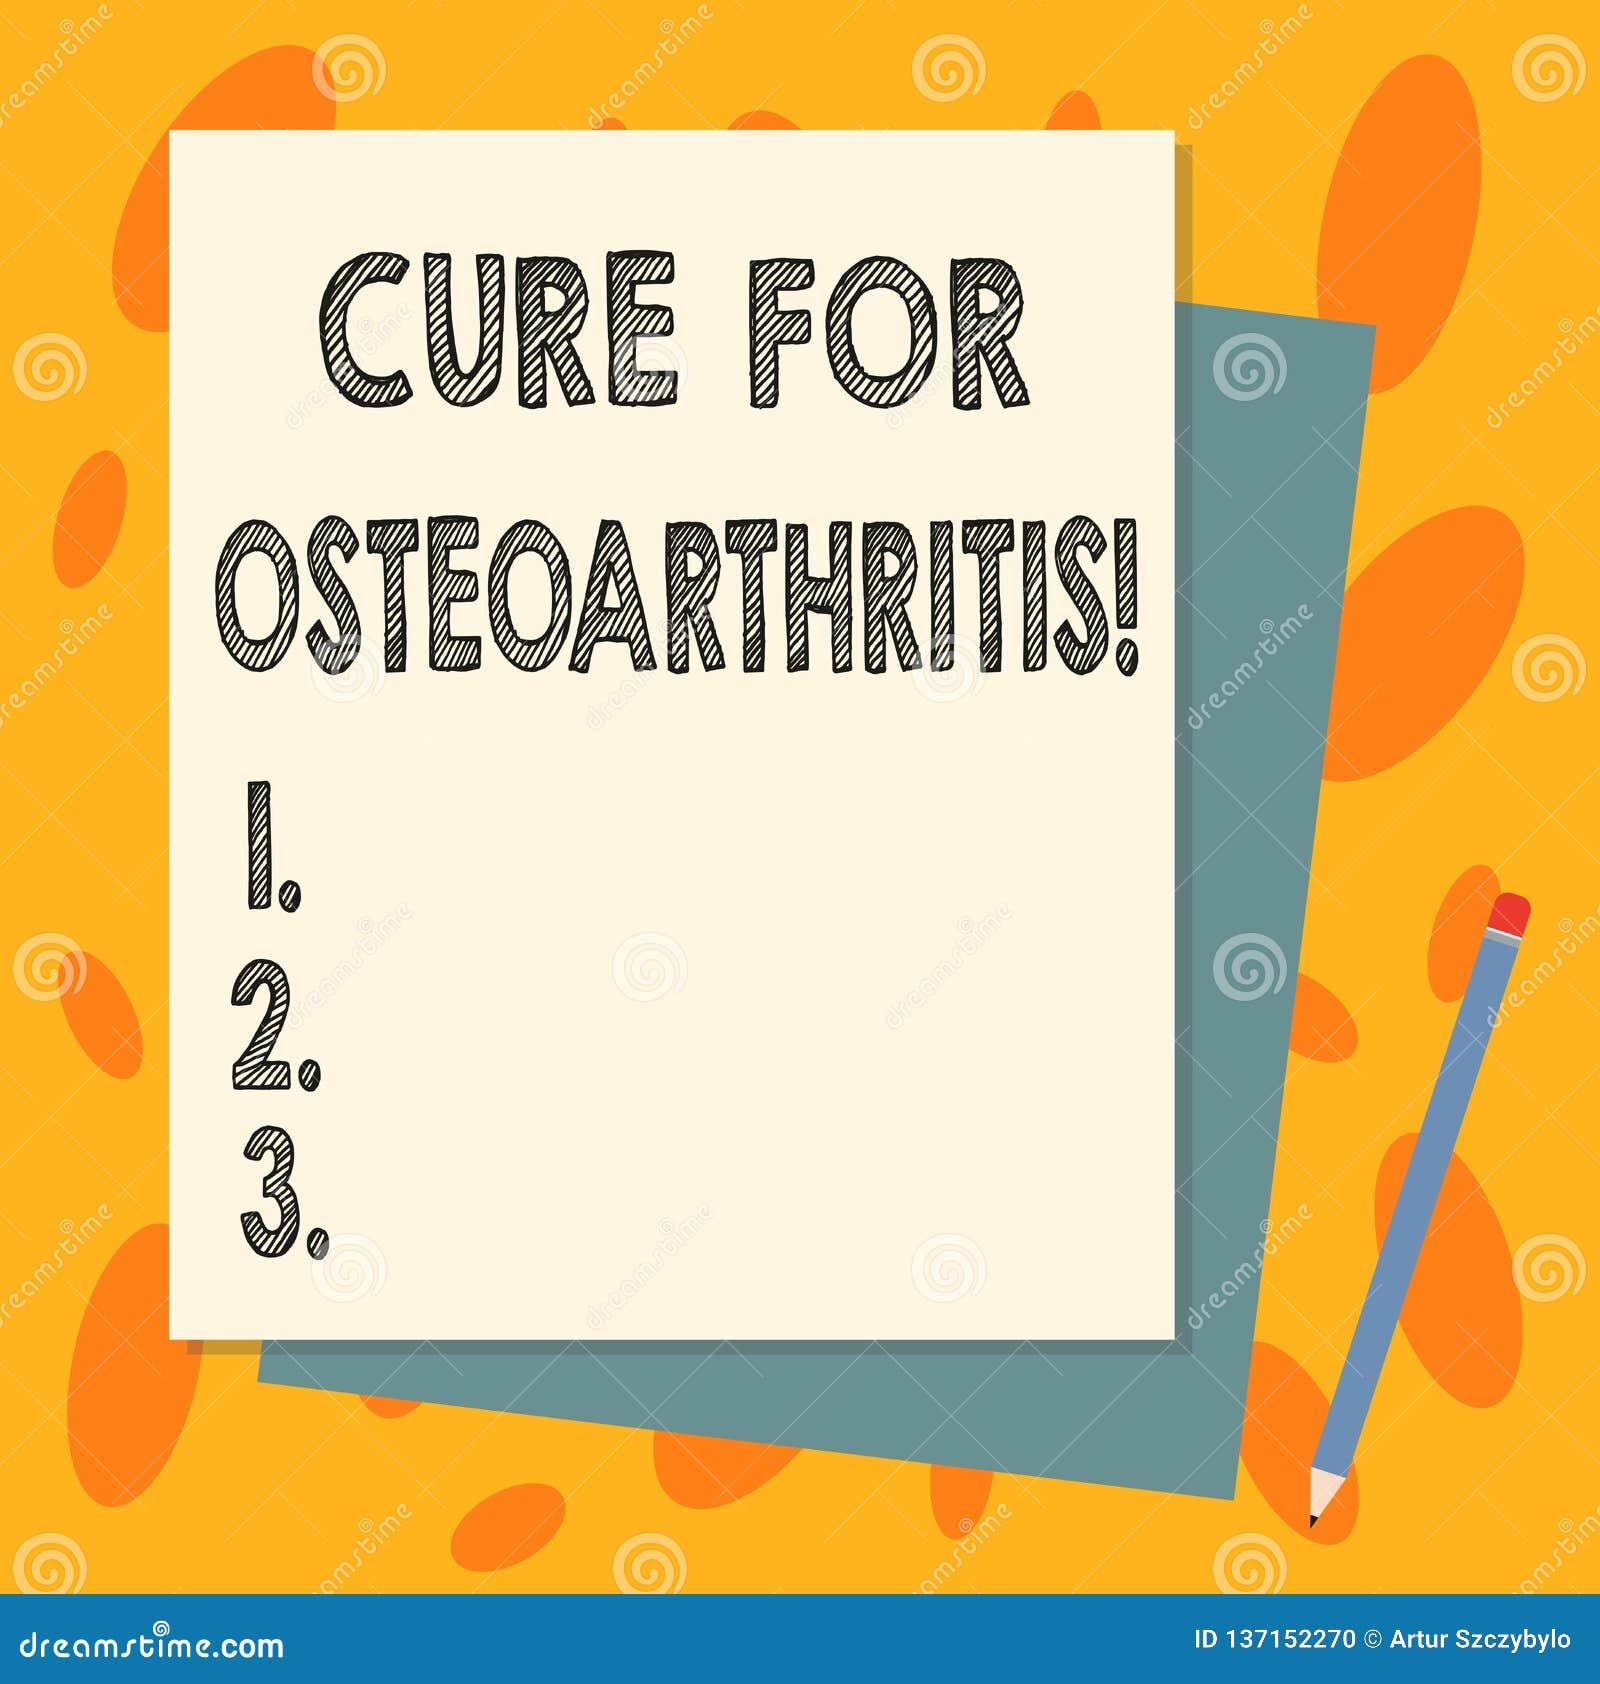 Traitement des textes d écriture pour l ostéoarthrite Traitement de signification de concept pour la douleur et la rigidité de la